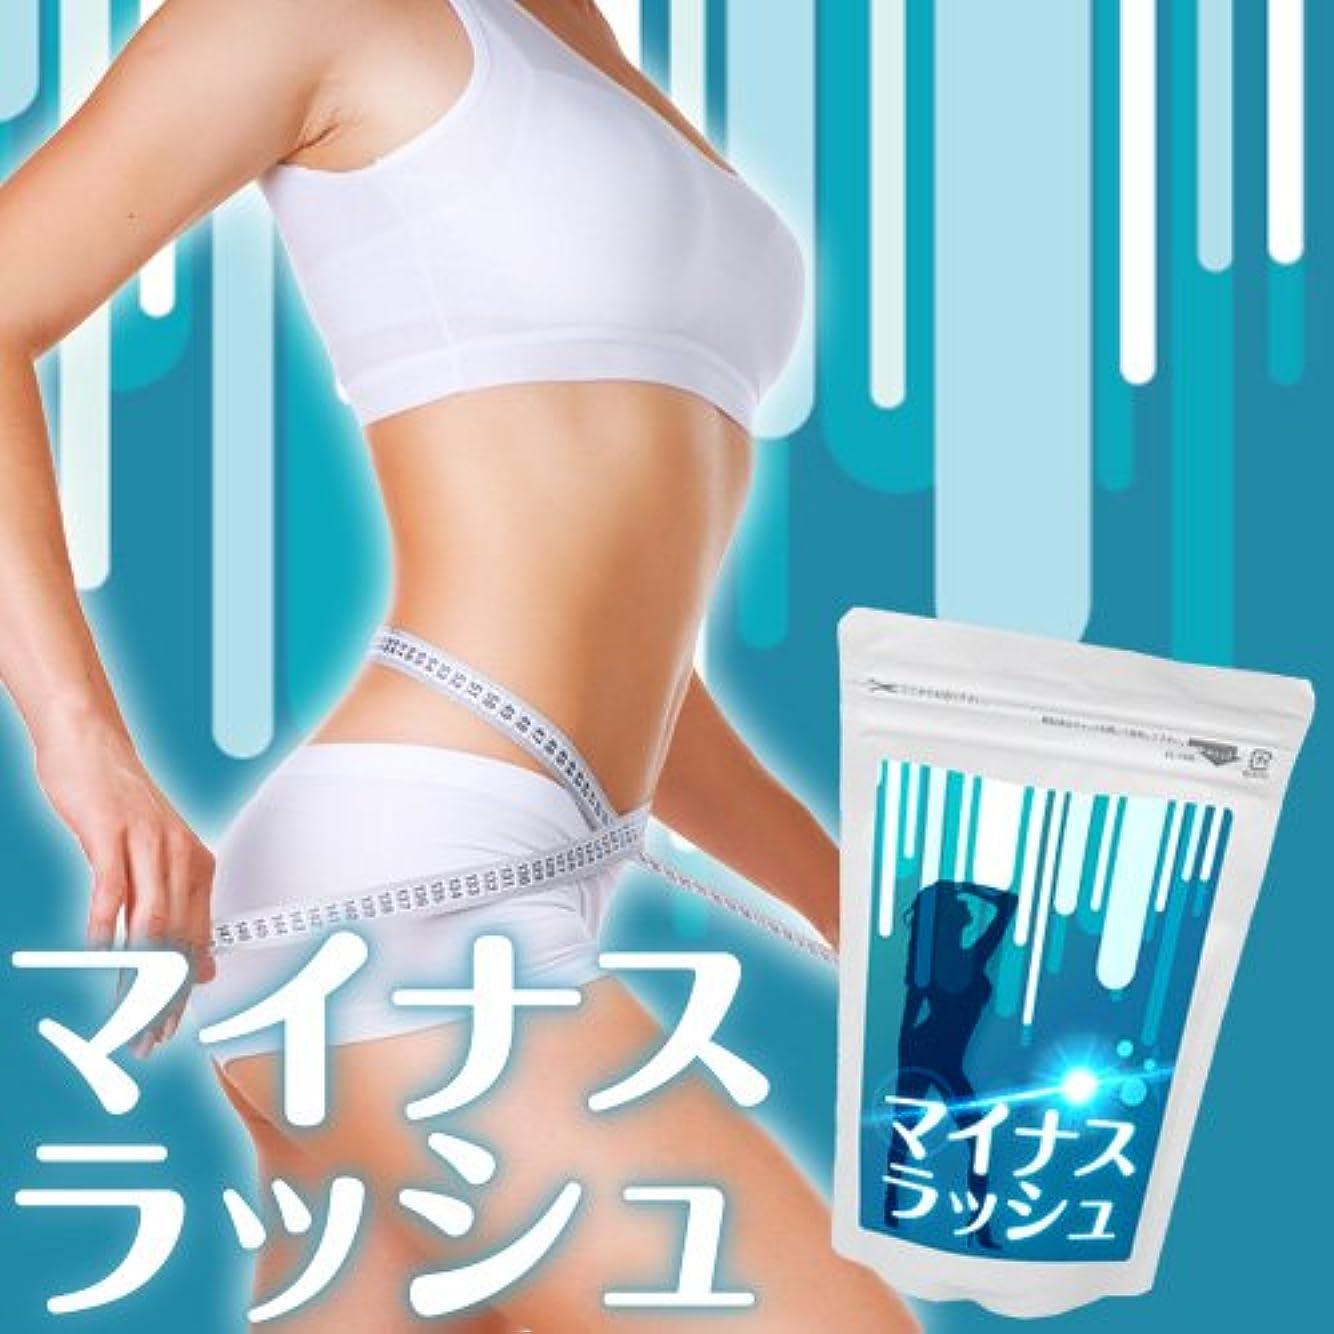 minuslash - マイナスラッシュ - ダイエット ダイエットサプリ 糖質制限 送料無料